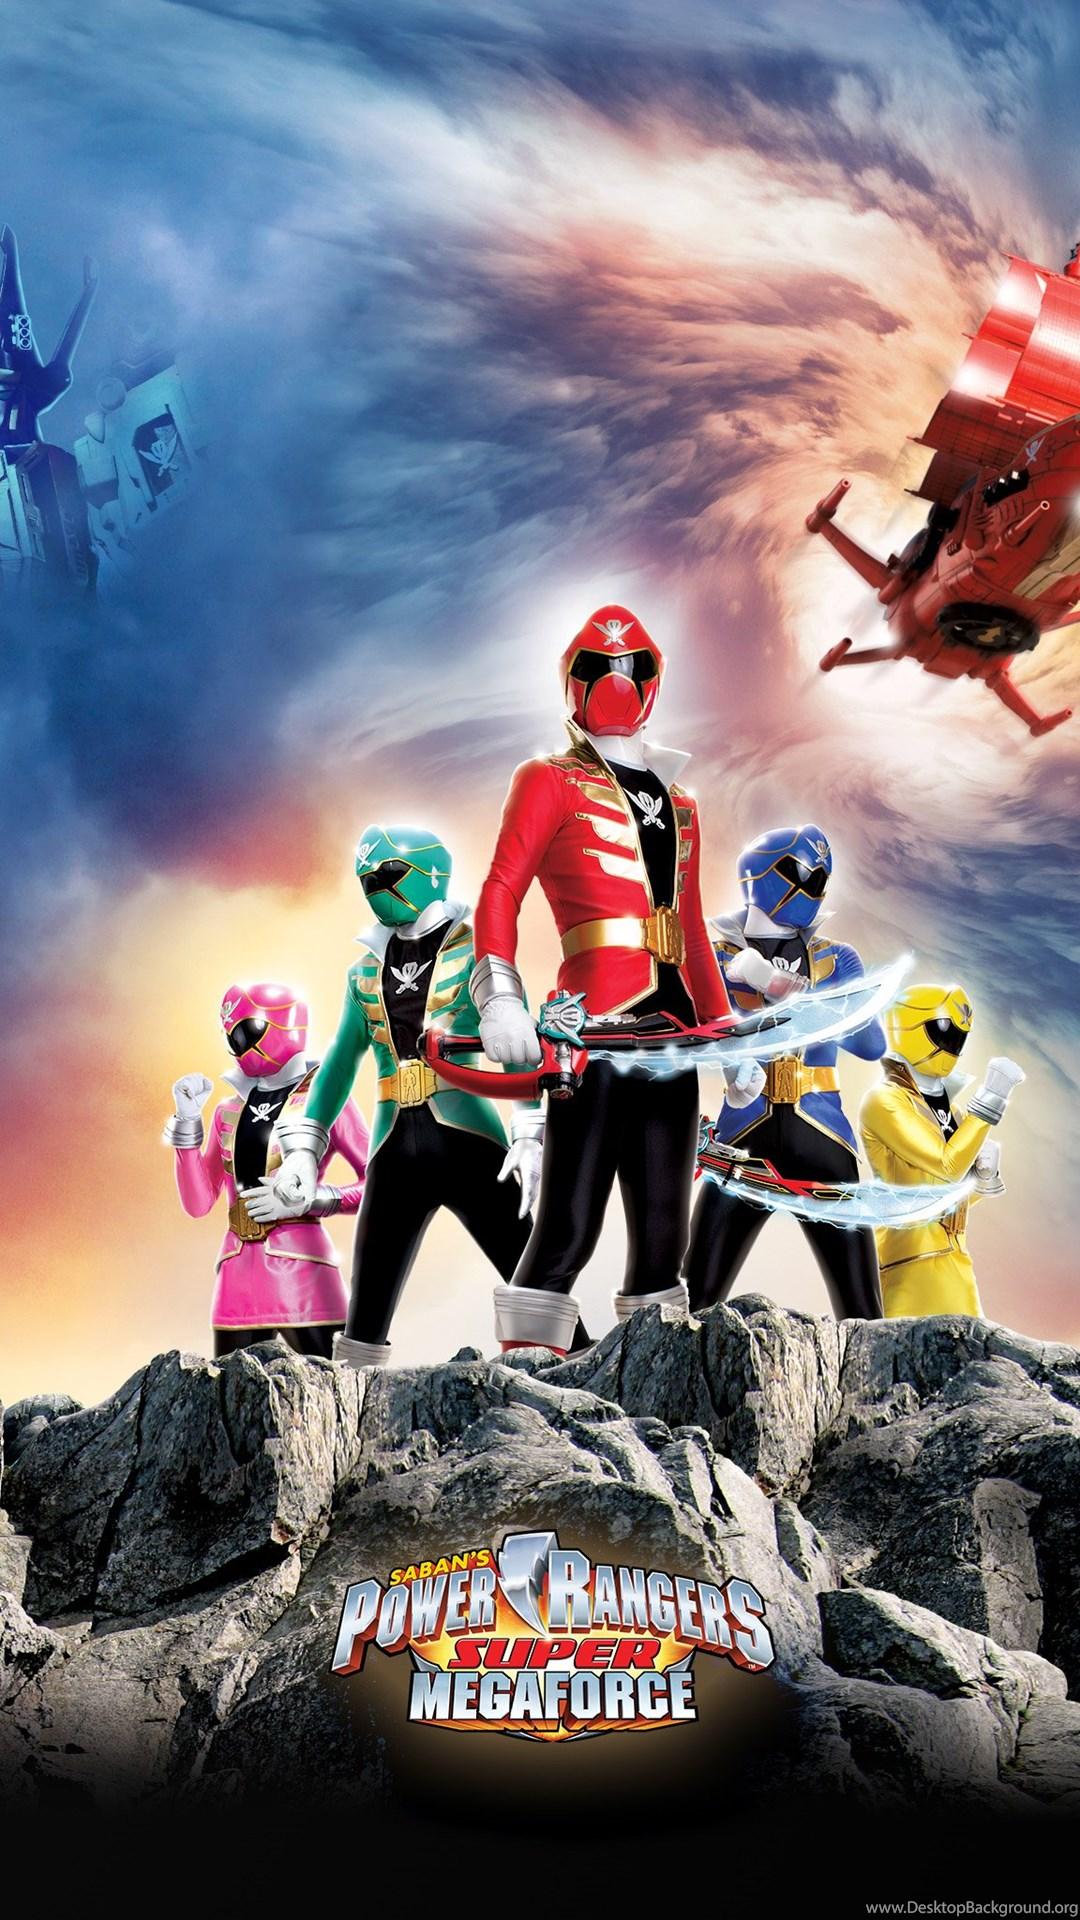 Power Rangers Wallpapers Desktop Background